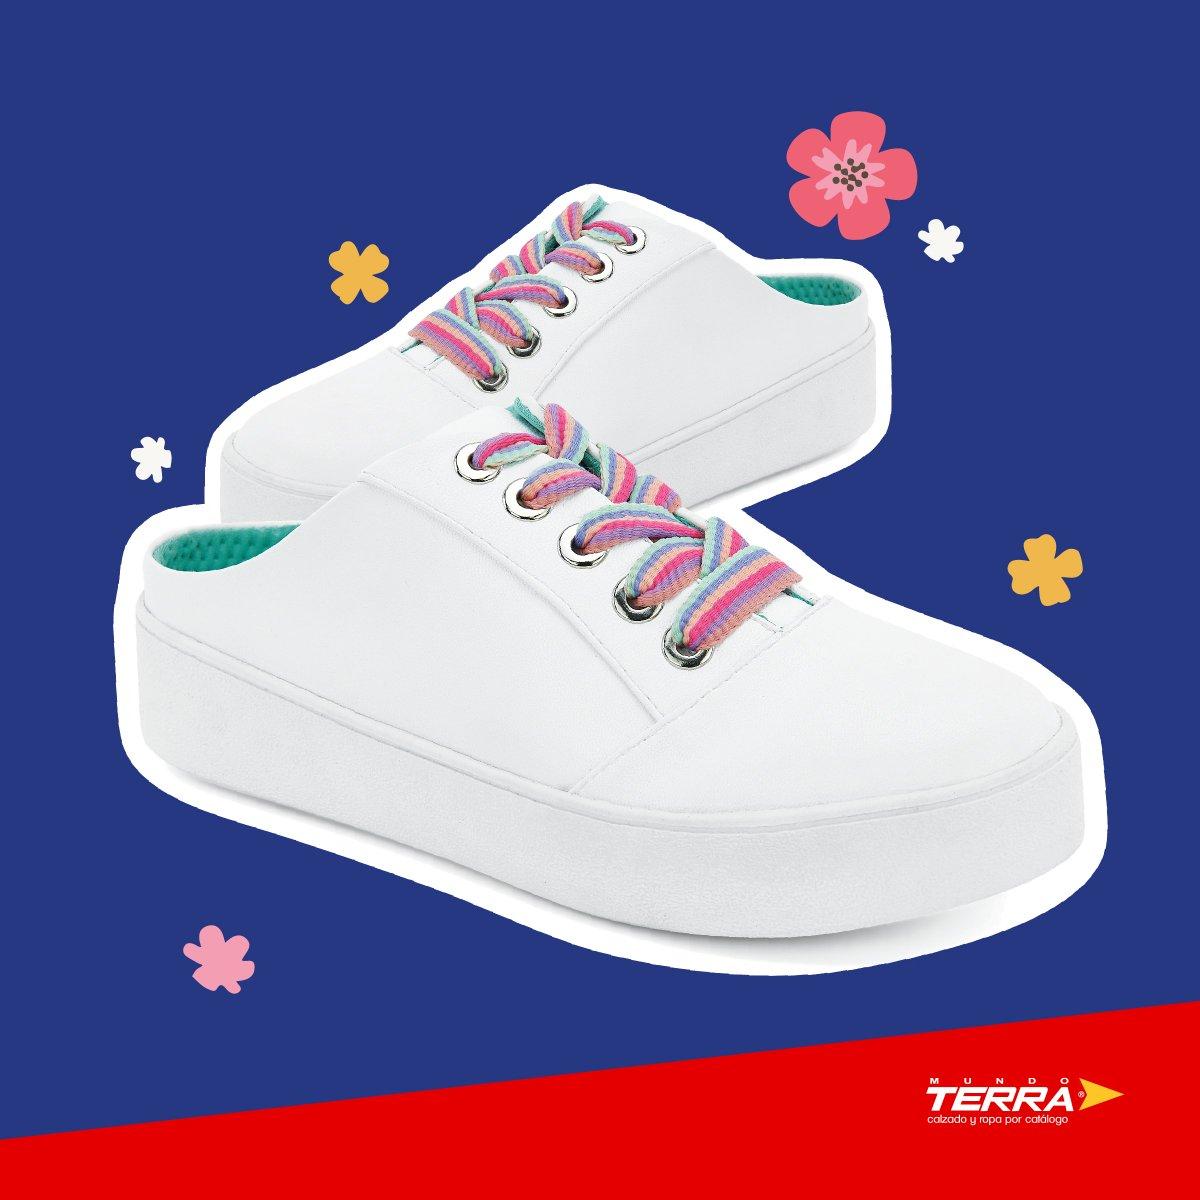 ¿Cuál es tu par de tenis favorito?   #mundoterra #shoes #loveshoes #look #outfit #primavera #loveit #ropa #zapatos #fashion #moda https://t.co/Zd0sbSMuT9